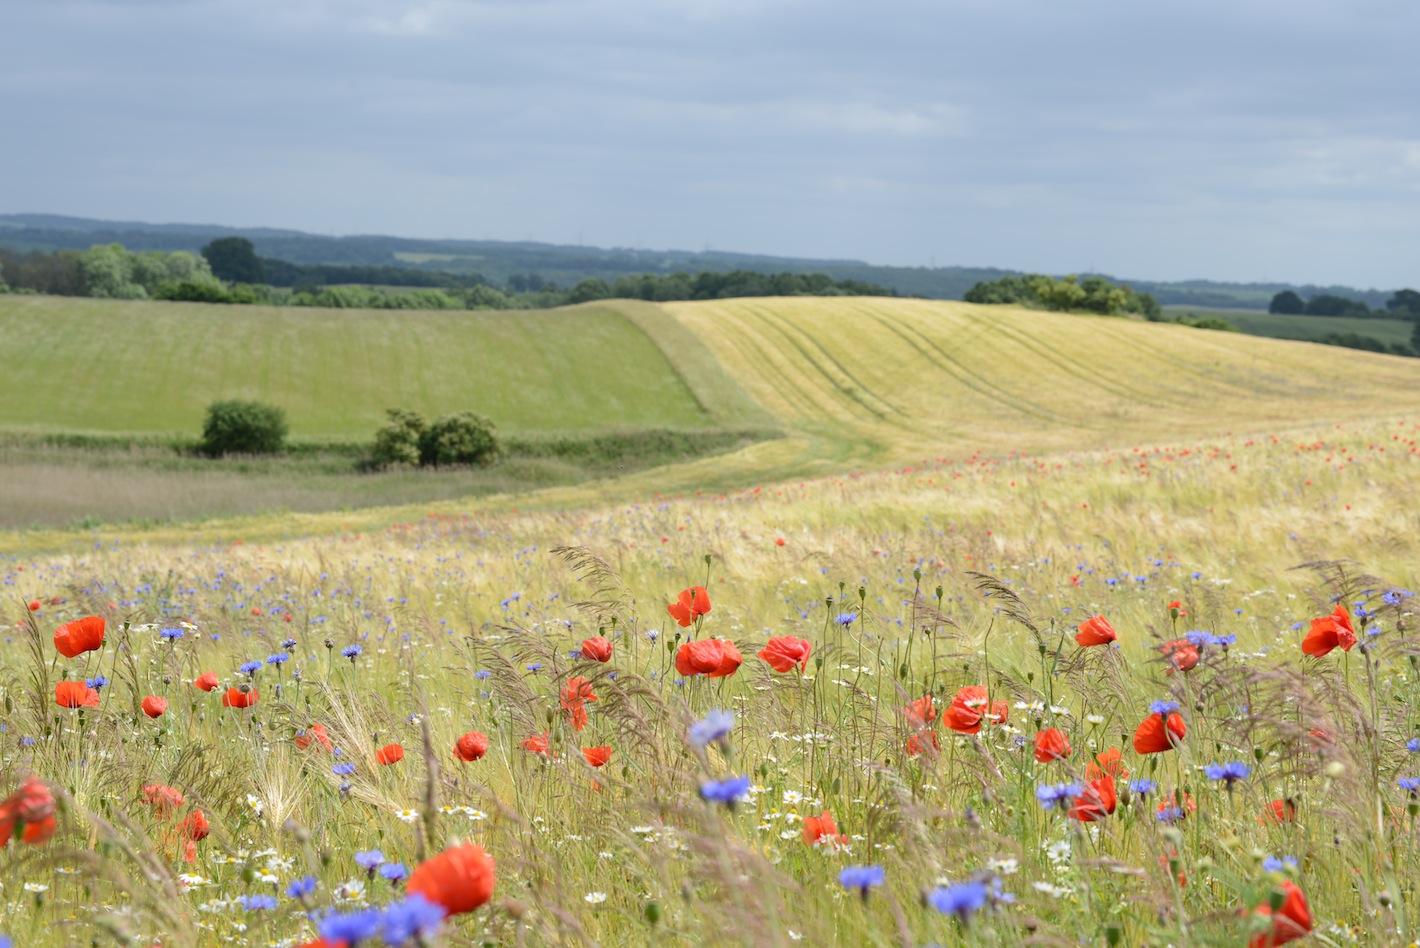 Felder und Wiesen: Lebensraum für Wiesenvögel, Amphibien und Wildkräuter